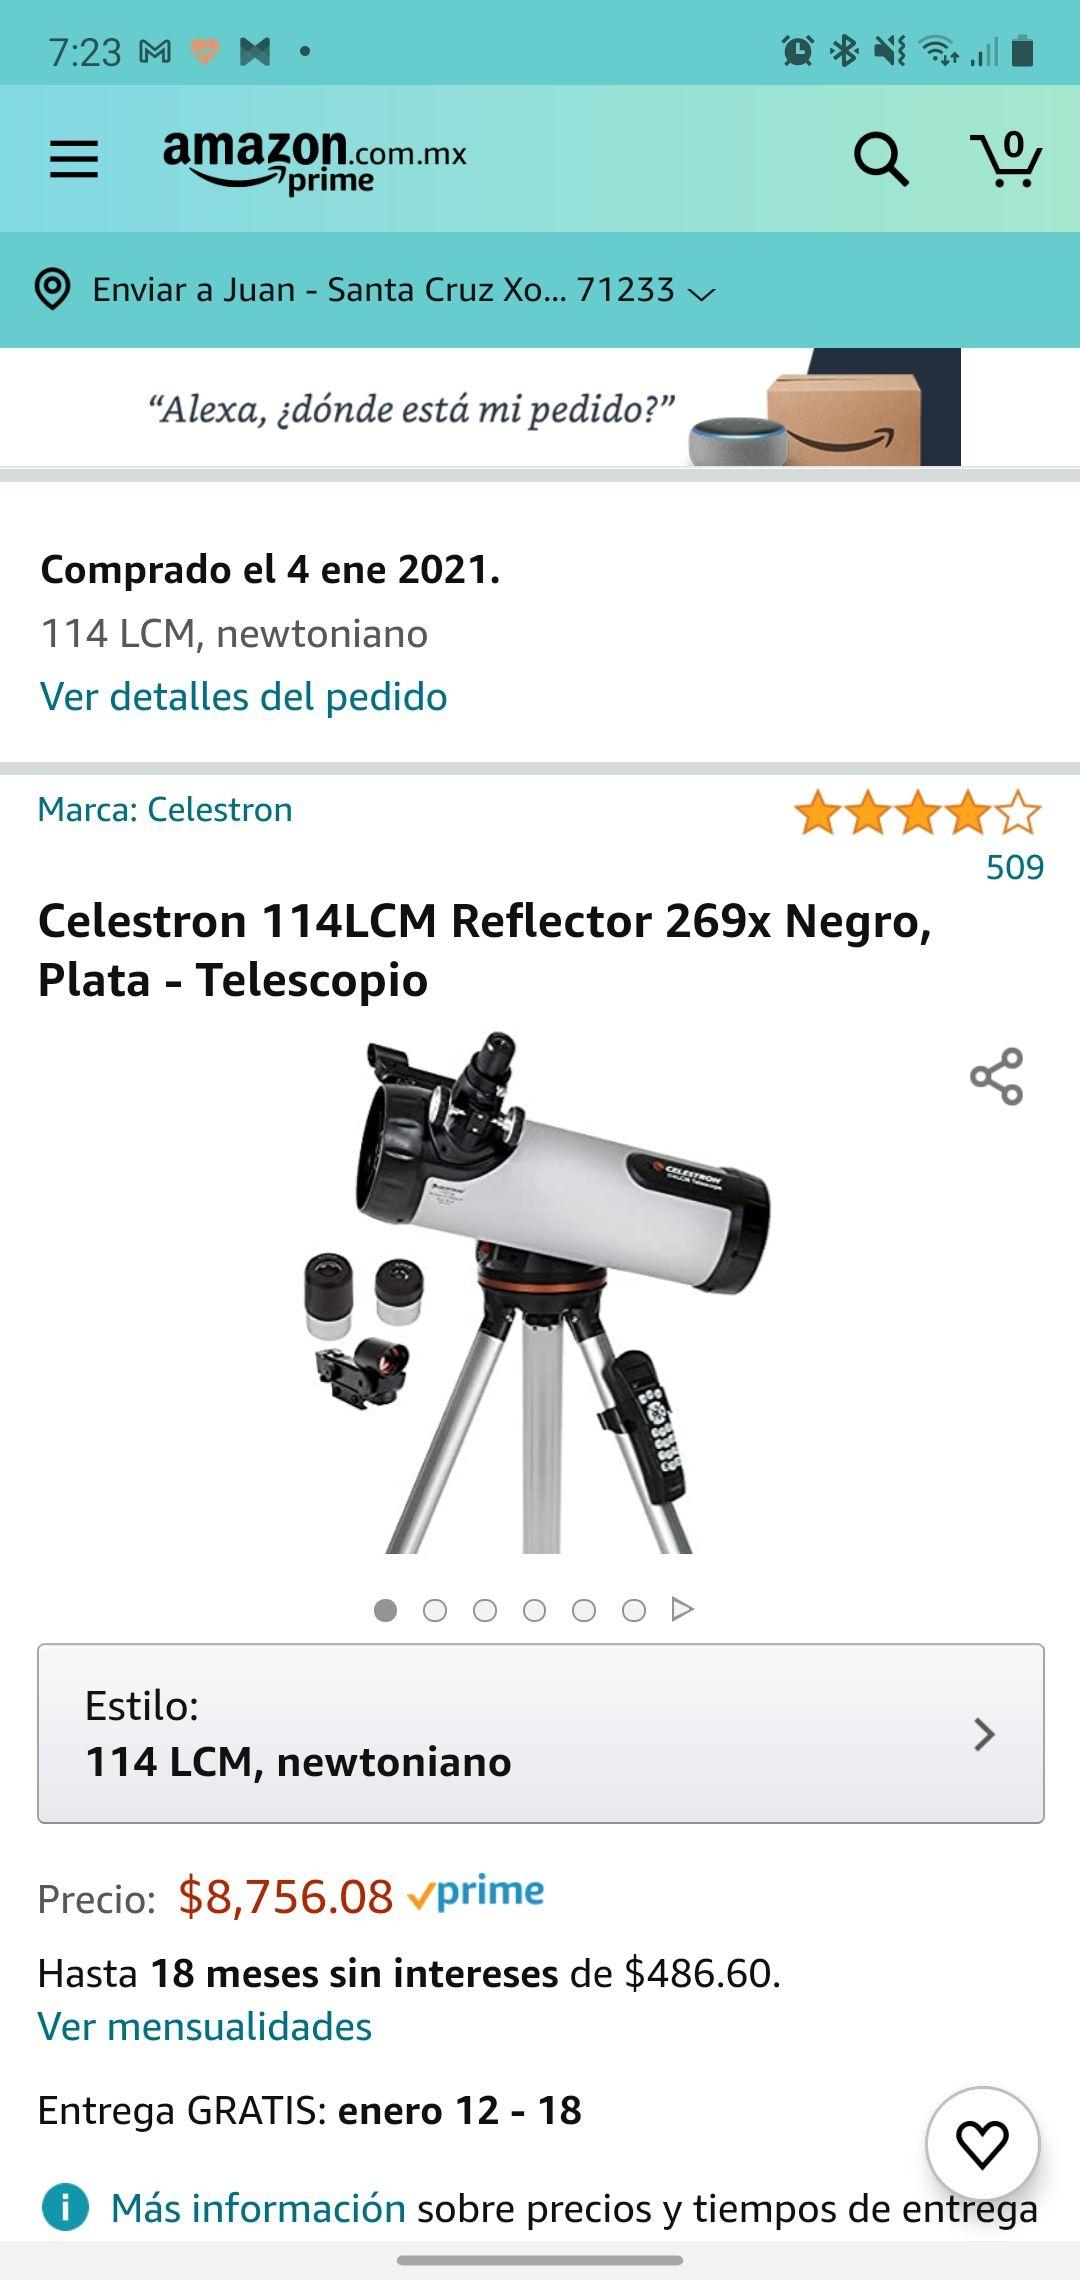 Amazon -Telescopio Celestron reflector, base computarizada.